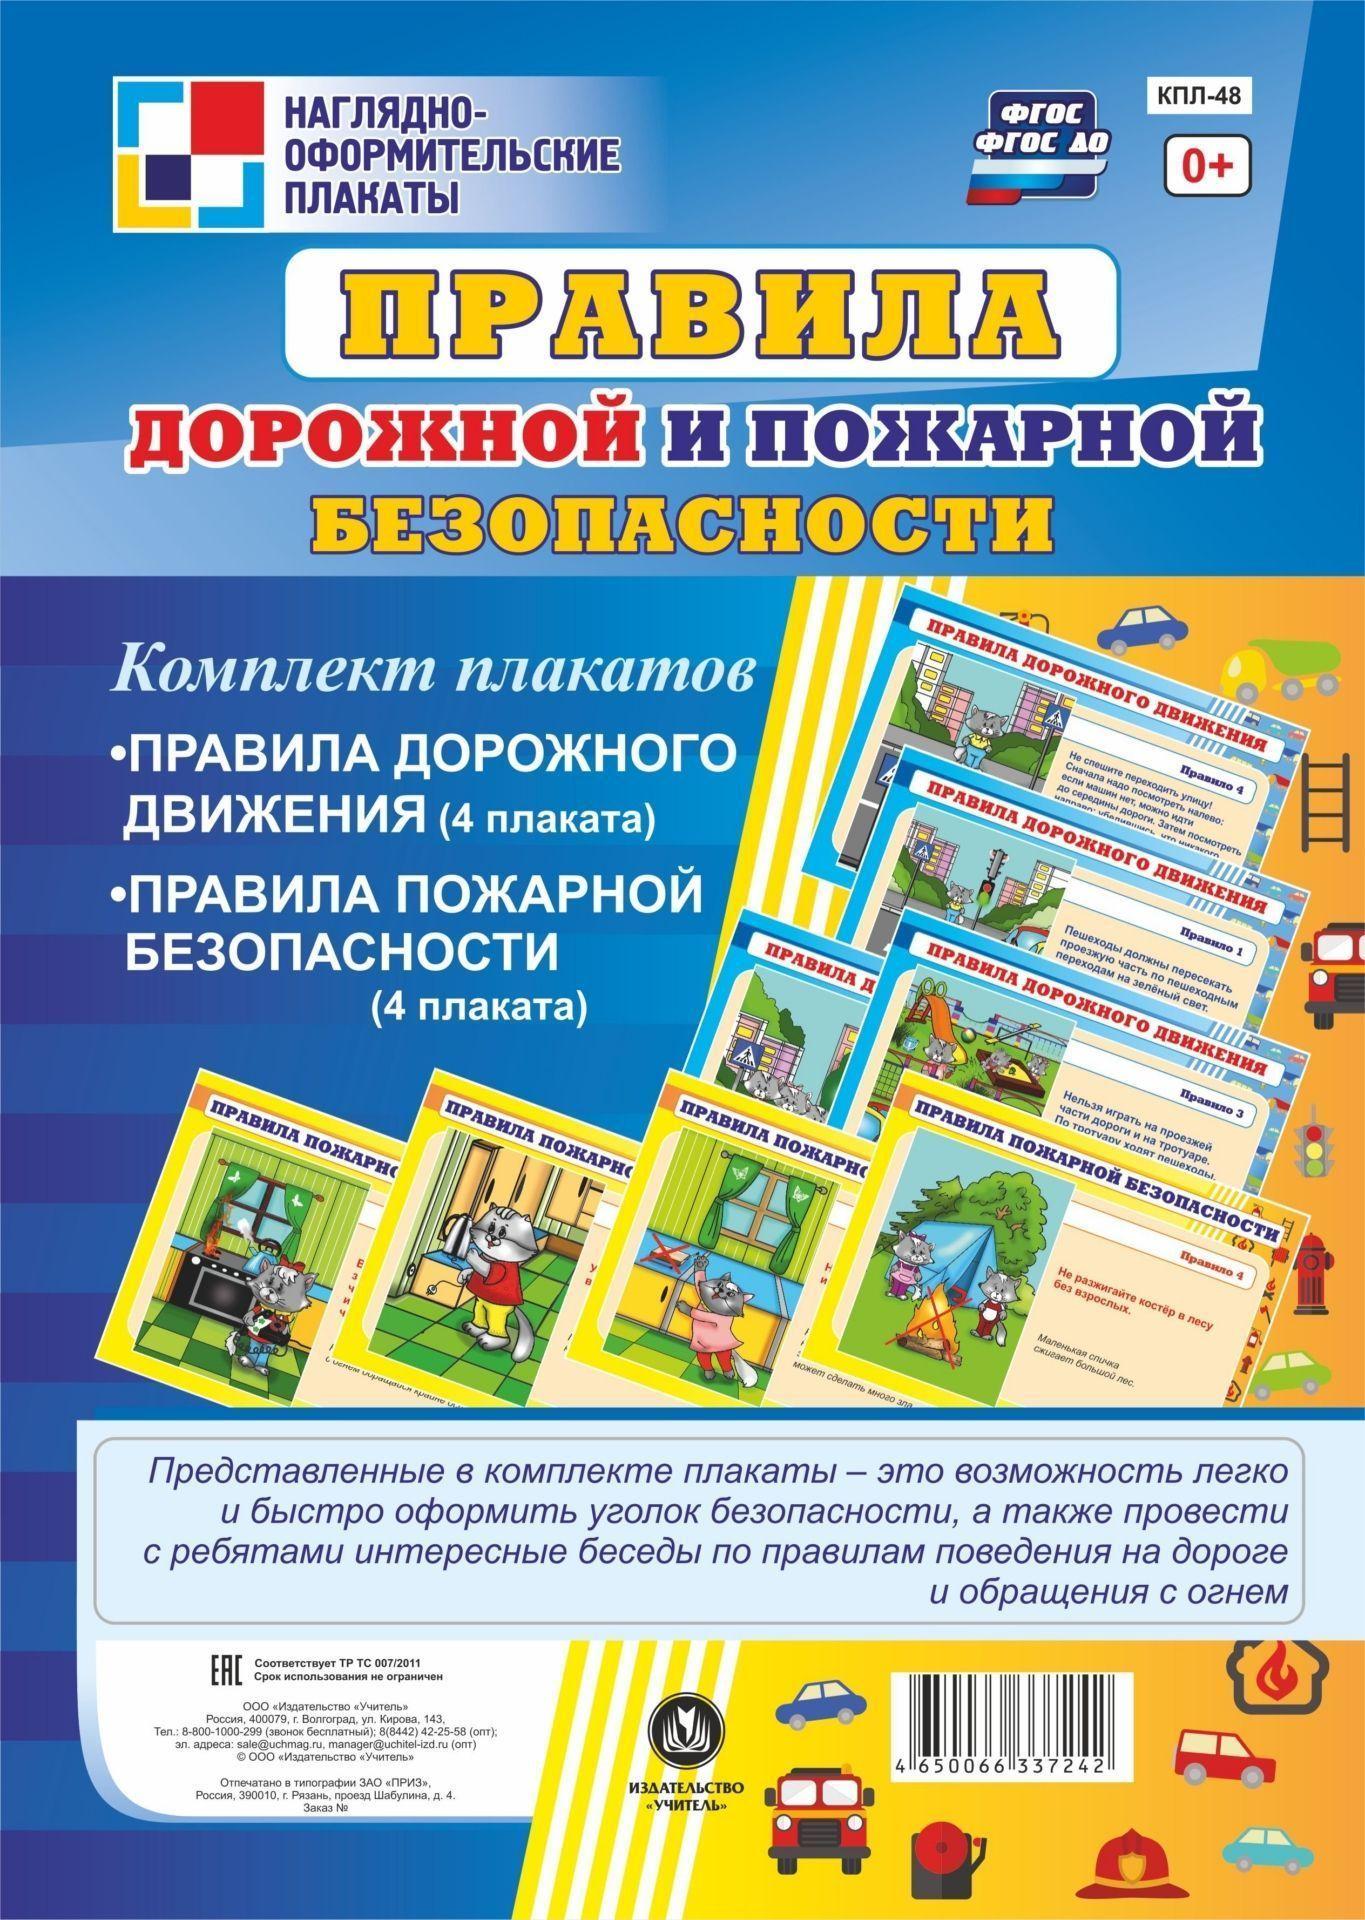 Комплект плакатов Правила дорожной и пожарной безопасности: 8 плакатовПлакаты, постеры, карты<br>.<br><br>Год: 2017<br>Серия: Наглядно-оформительские плакаты<br>Высота: 290<br>Ширина: 205<br>Переплёт: набор